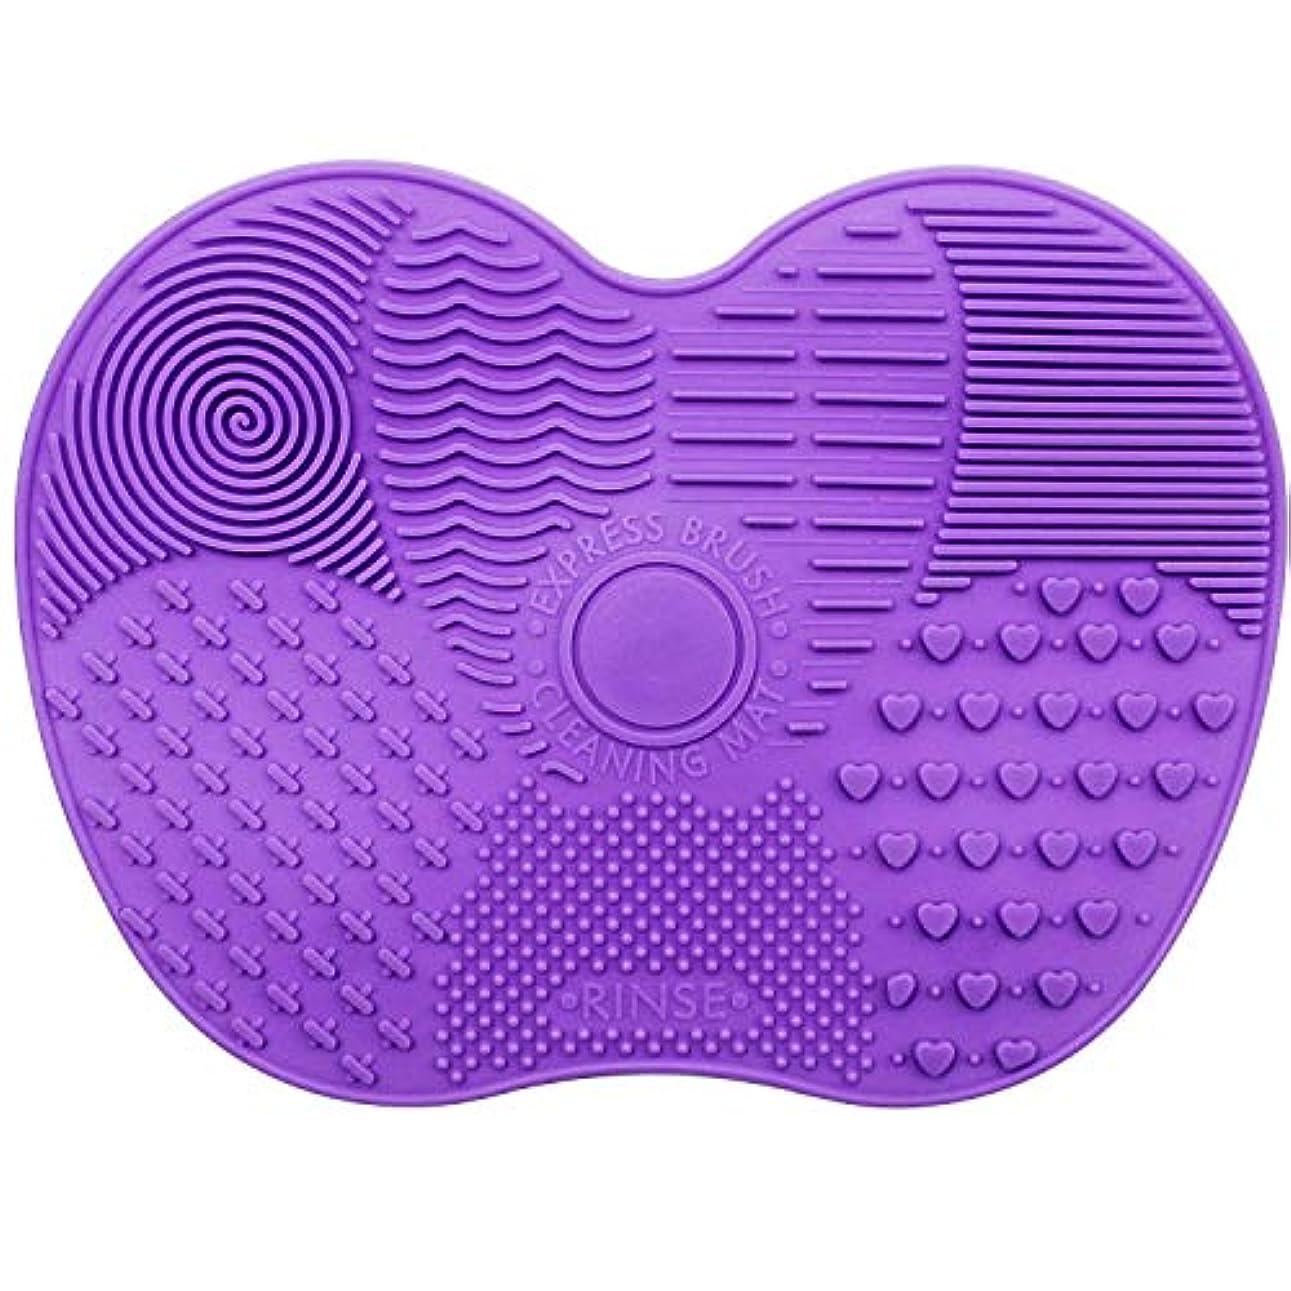 機械的同化する雰囲気Pichidr-JPメイクブラシ クリーナー シリコンマット化粧 洗浄 化粧筆 筆洗い(パープル)